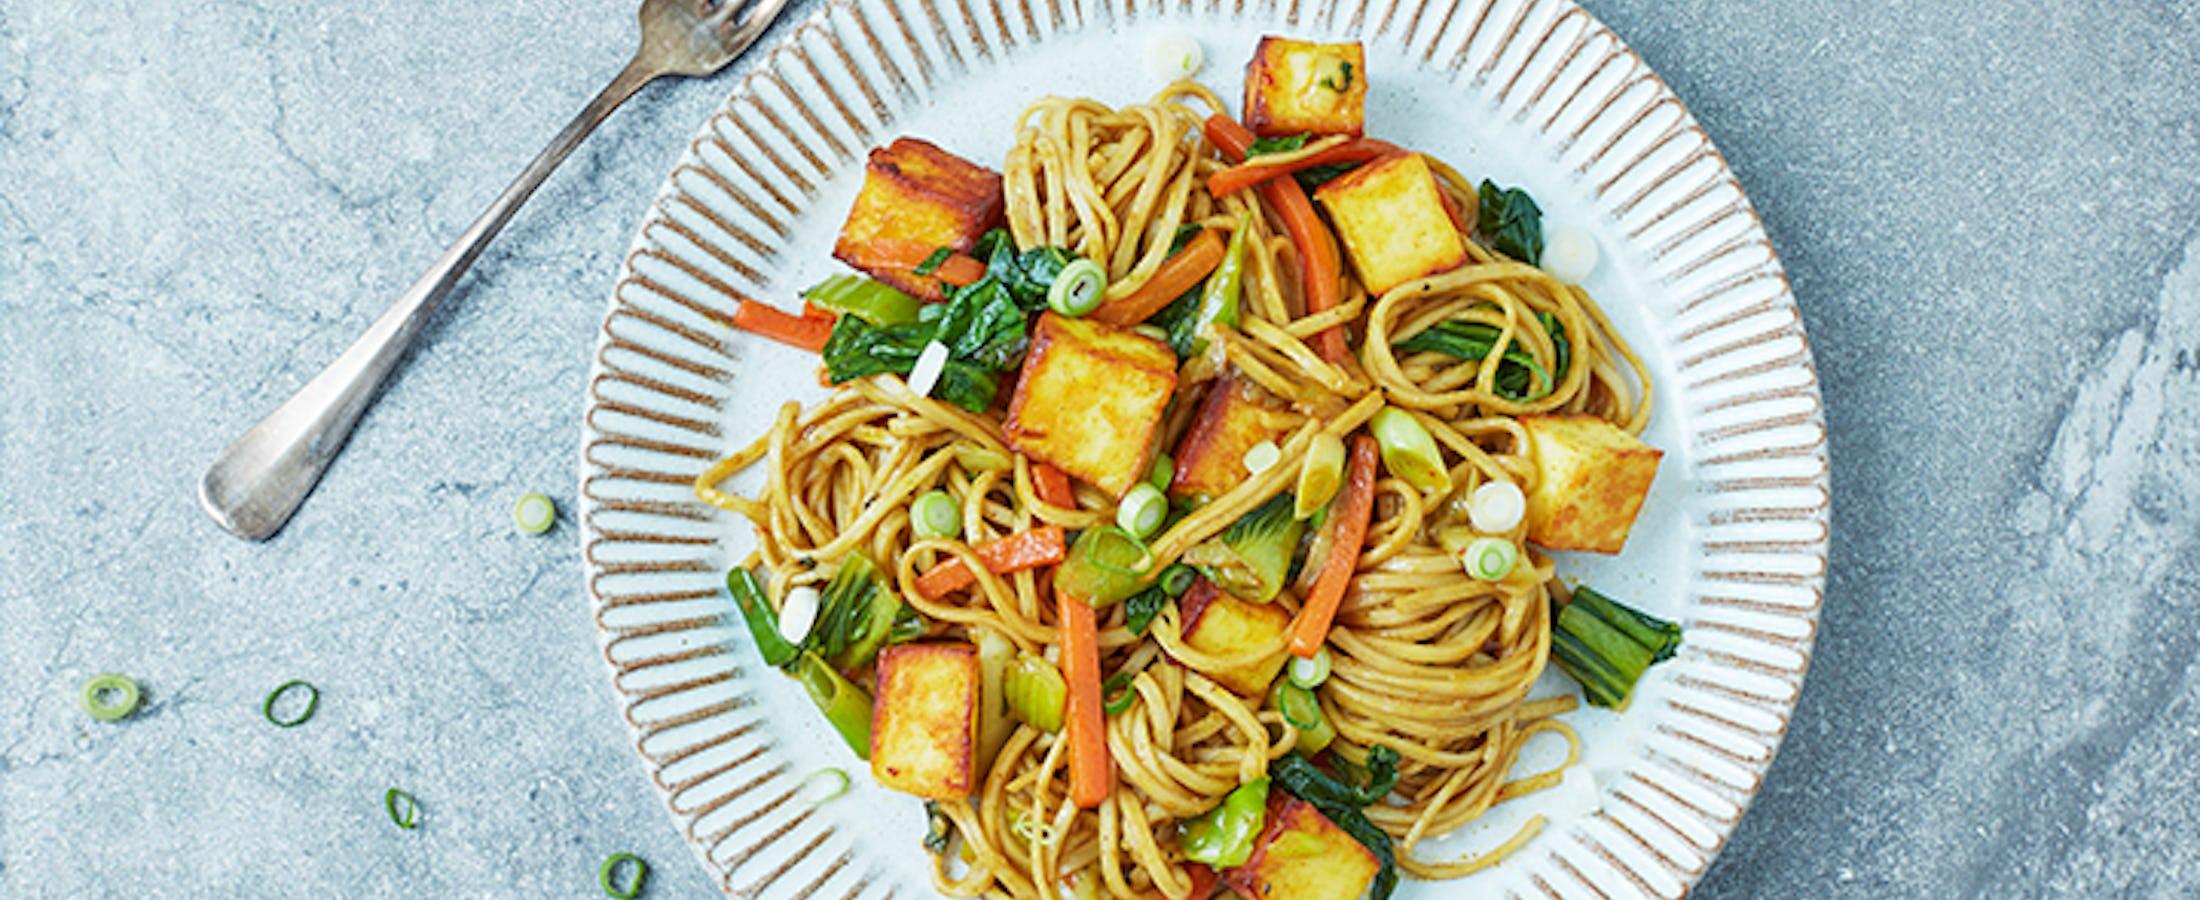 Indochinese Hakka Noodles